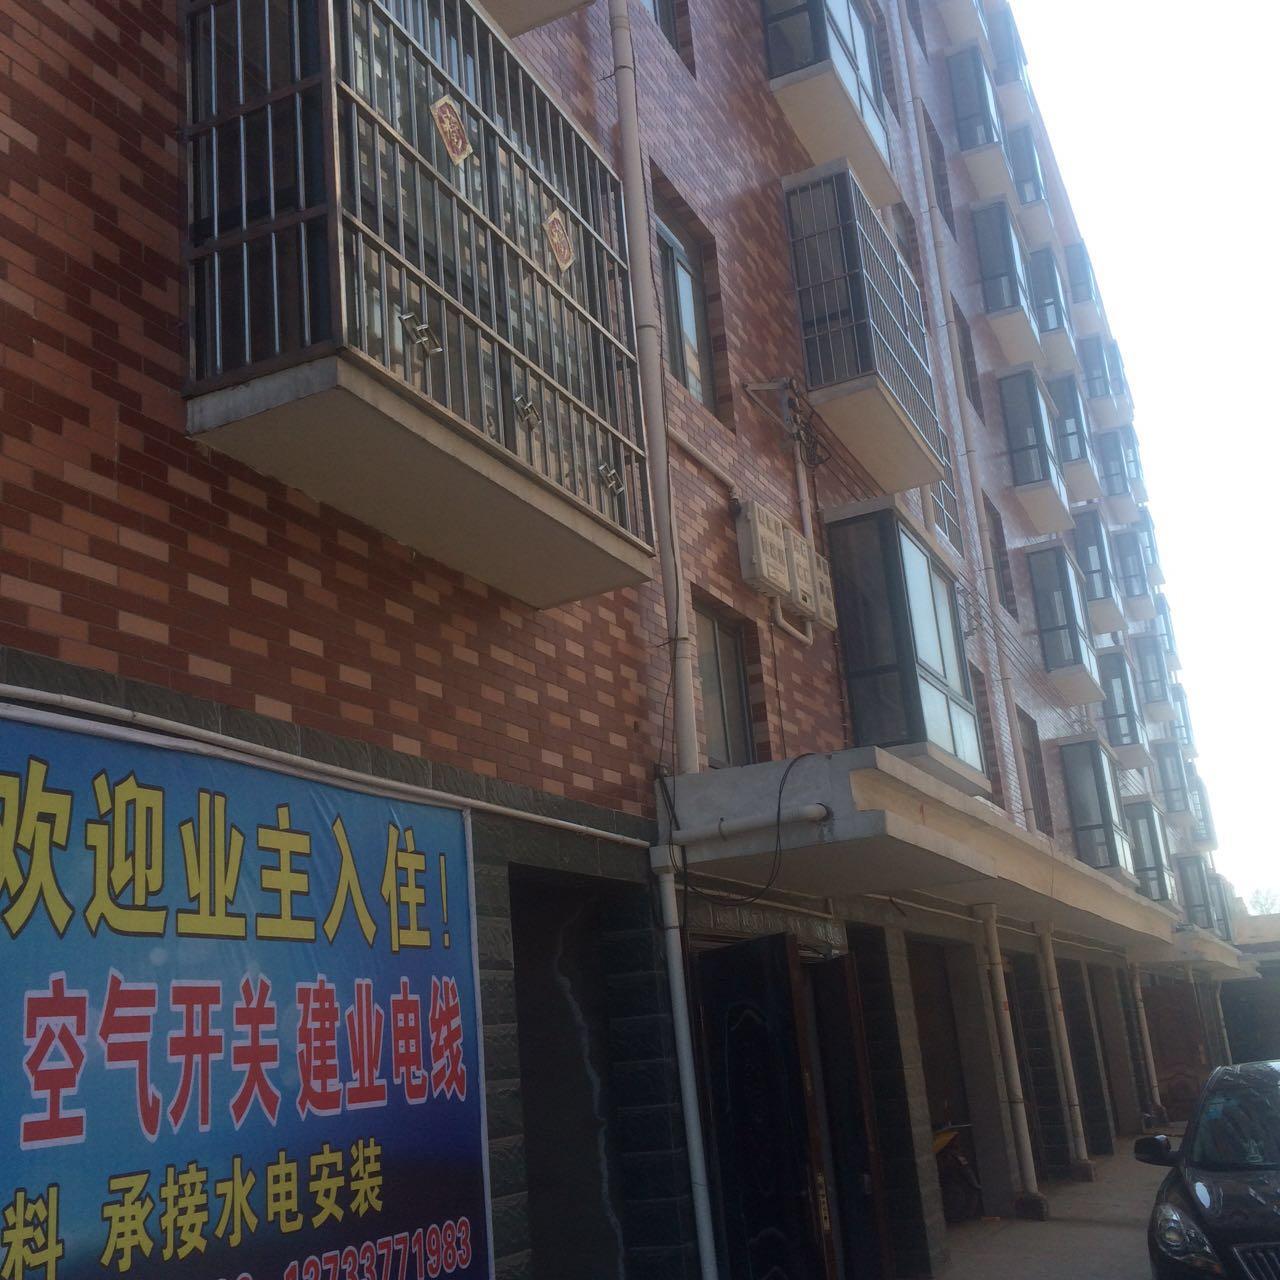 鲁山县工程承包  房屋建筑